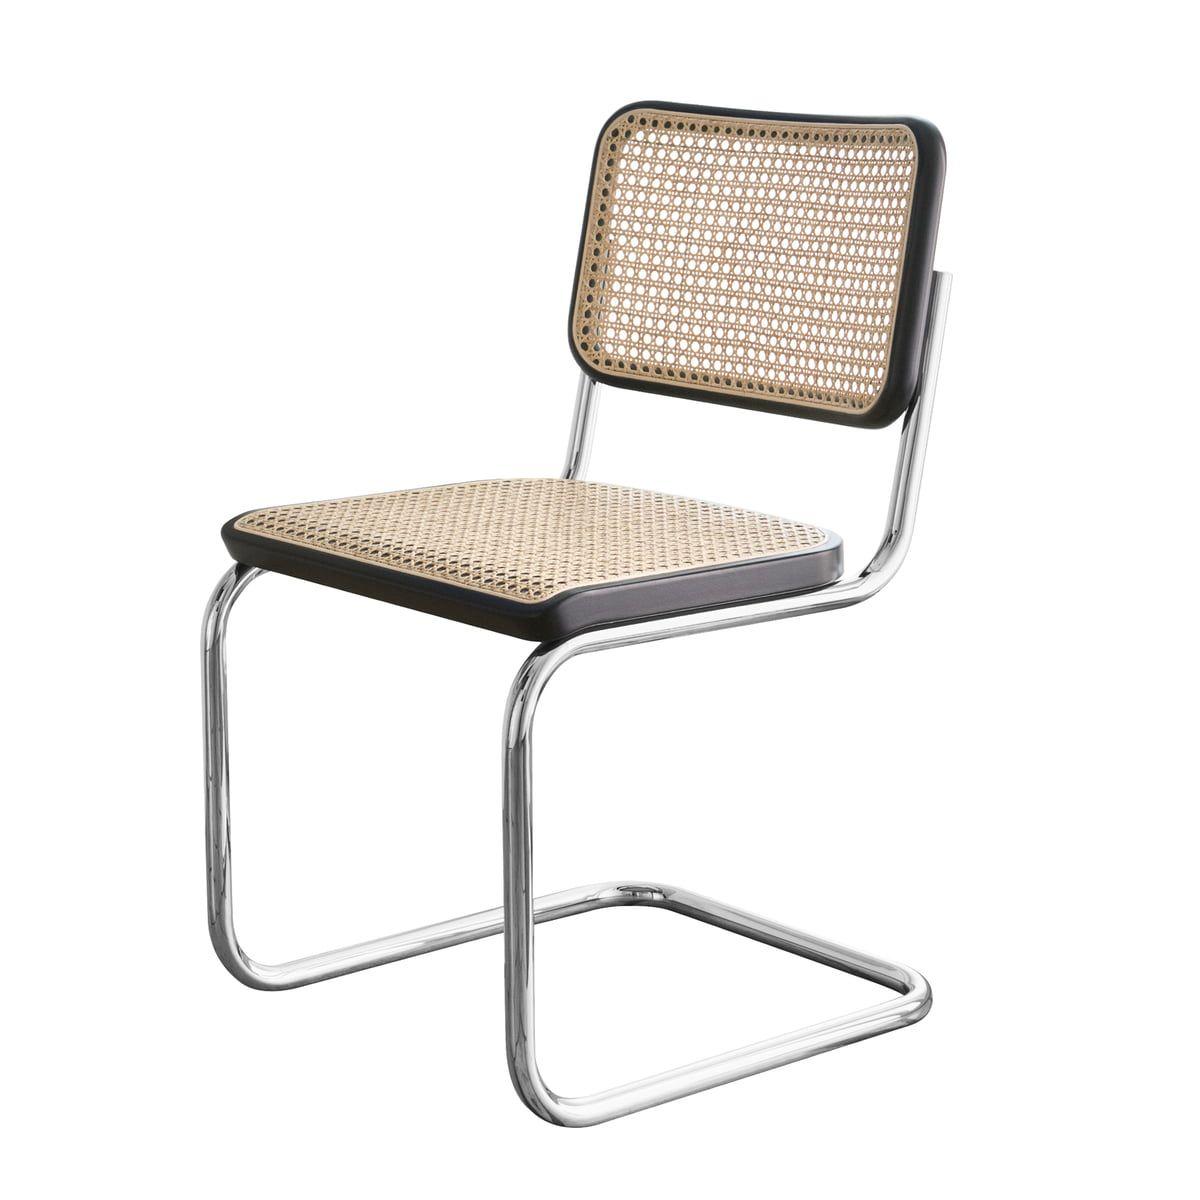 Billig Freischwinger Stuhl Deutsche Cantilever Chair